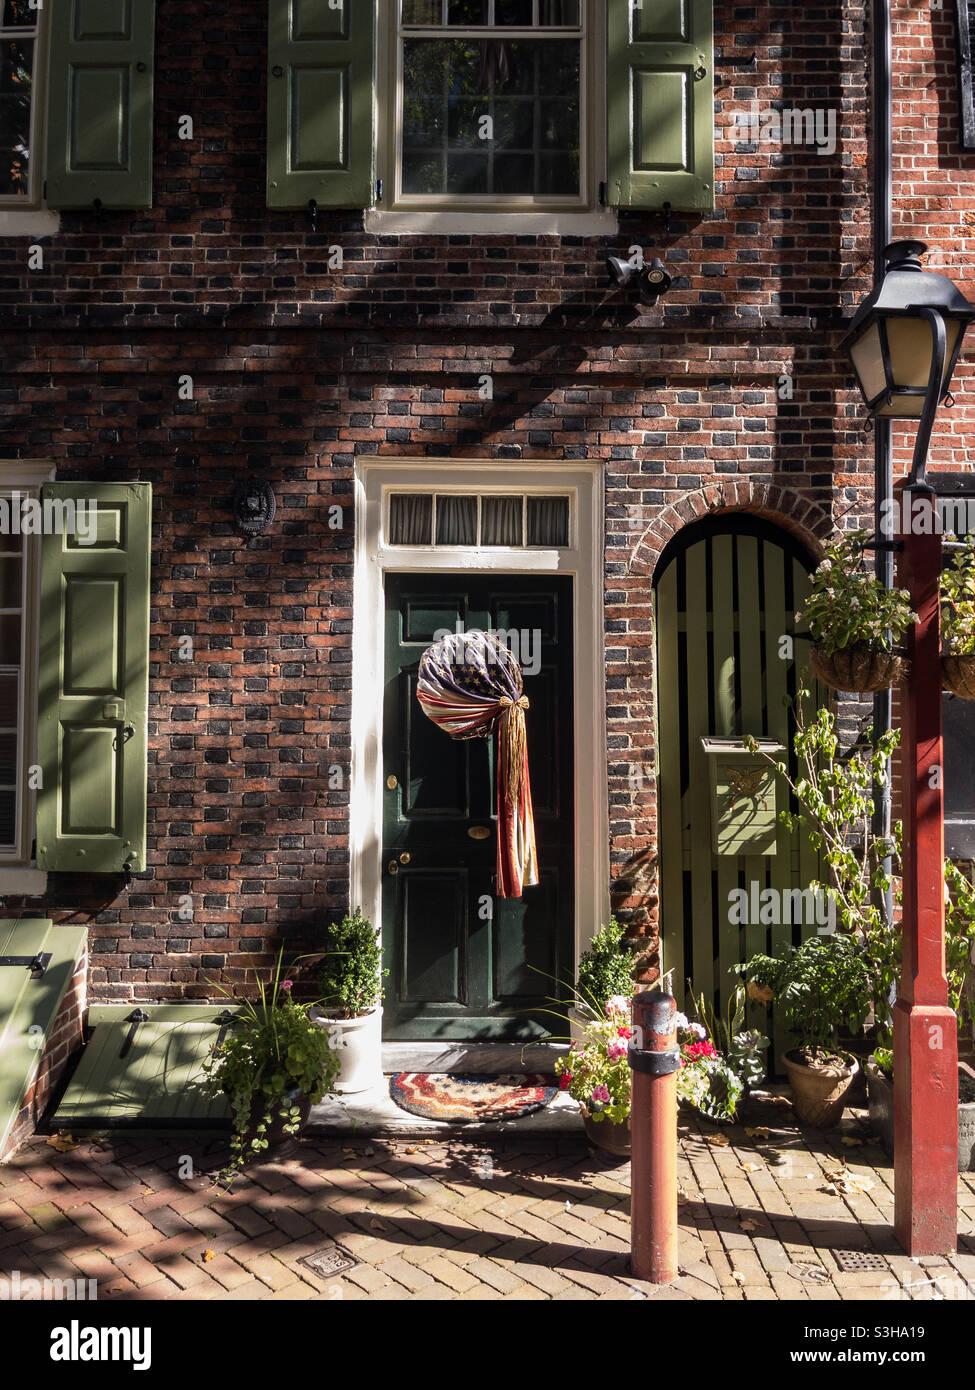 Historic Street Elfreth's Alley a Philadelphia, situato nel quartiere della città vecchia Foto Stock